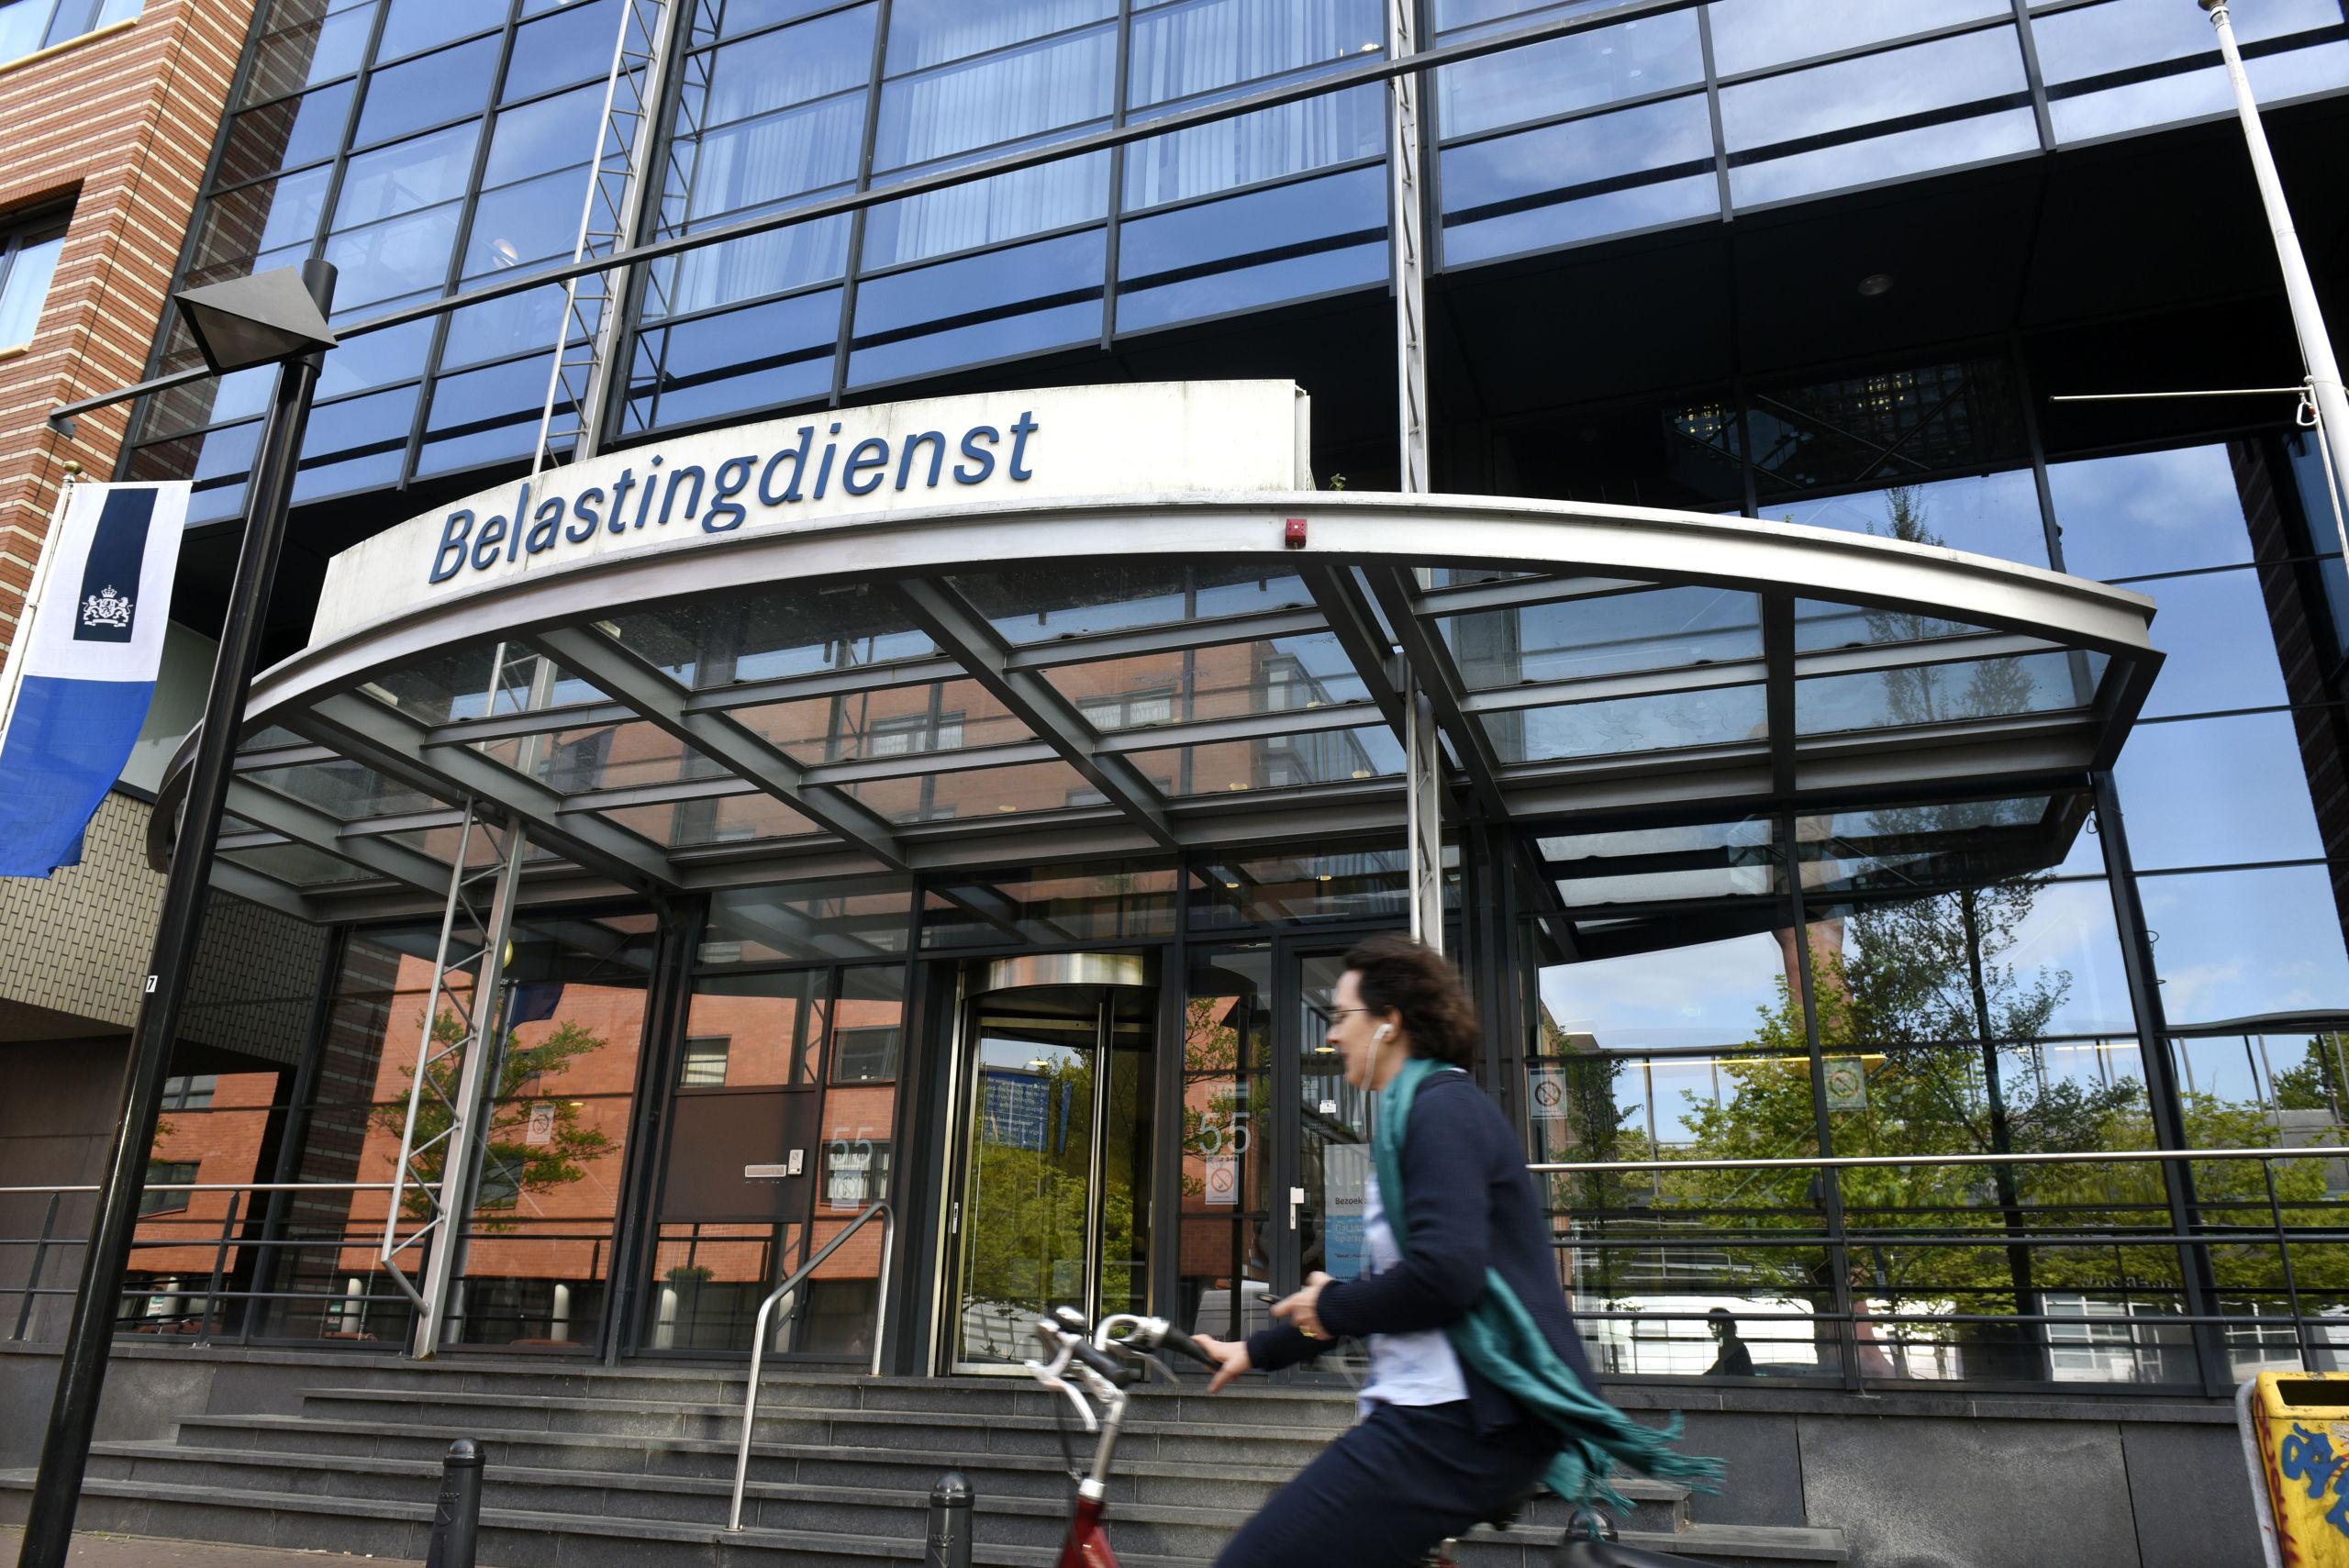 Belastingdienst Kantoor Amsterdam : Fiscalisten controle blijft onmisbaar in toezicht belastingdienst